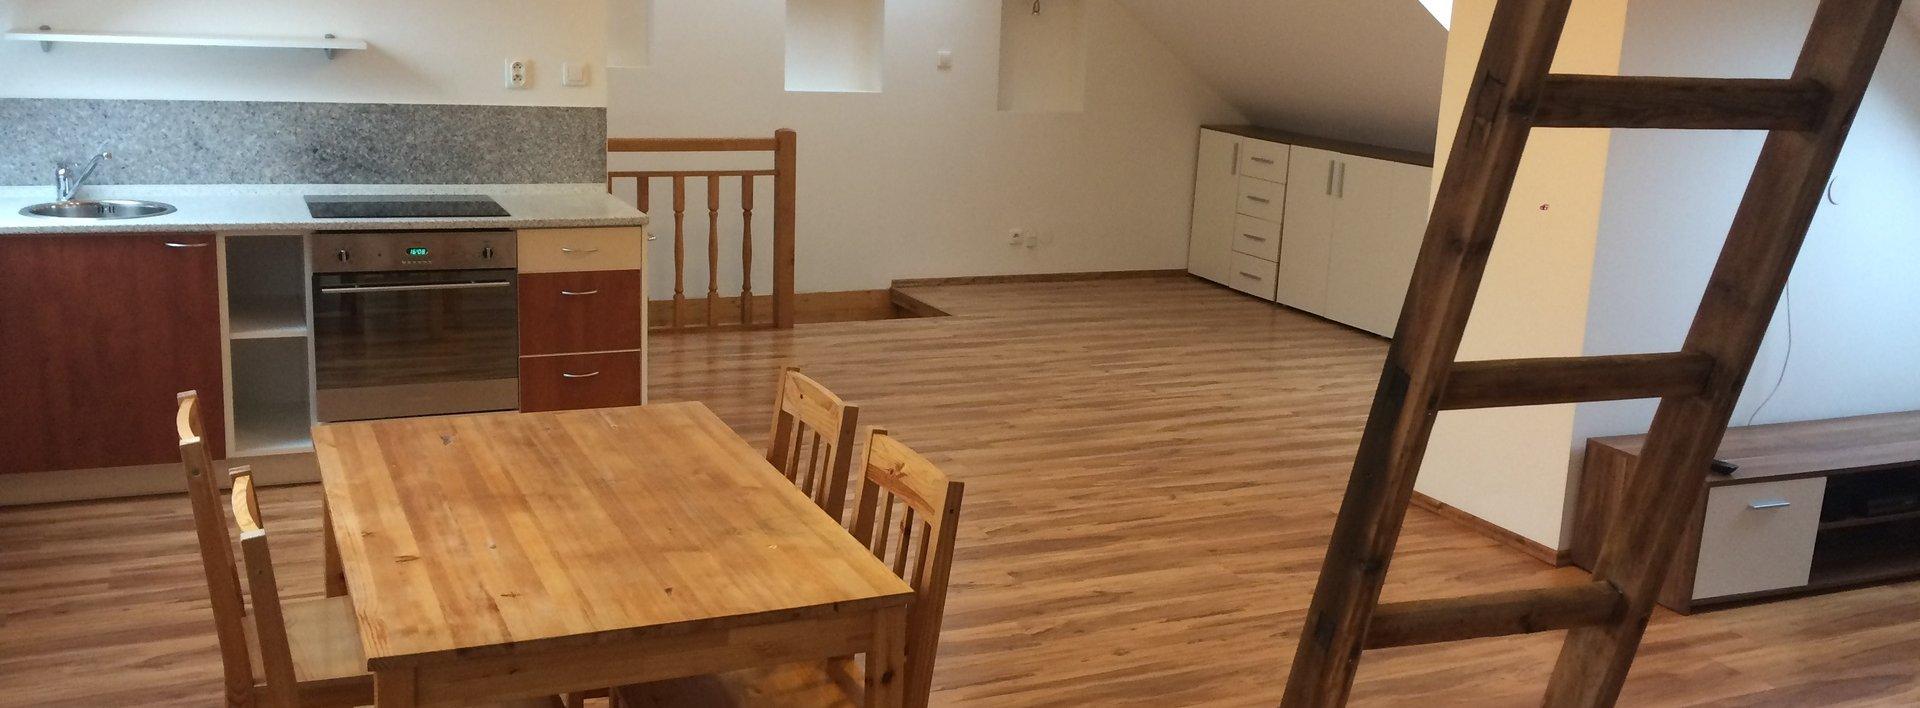 Pronájem bytu 1+kk, 77 m² - Liberec, Nové Město, Rámový Vršek, Ev.č.: N47895